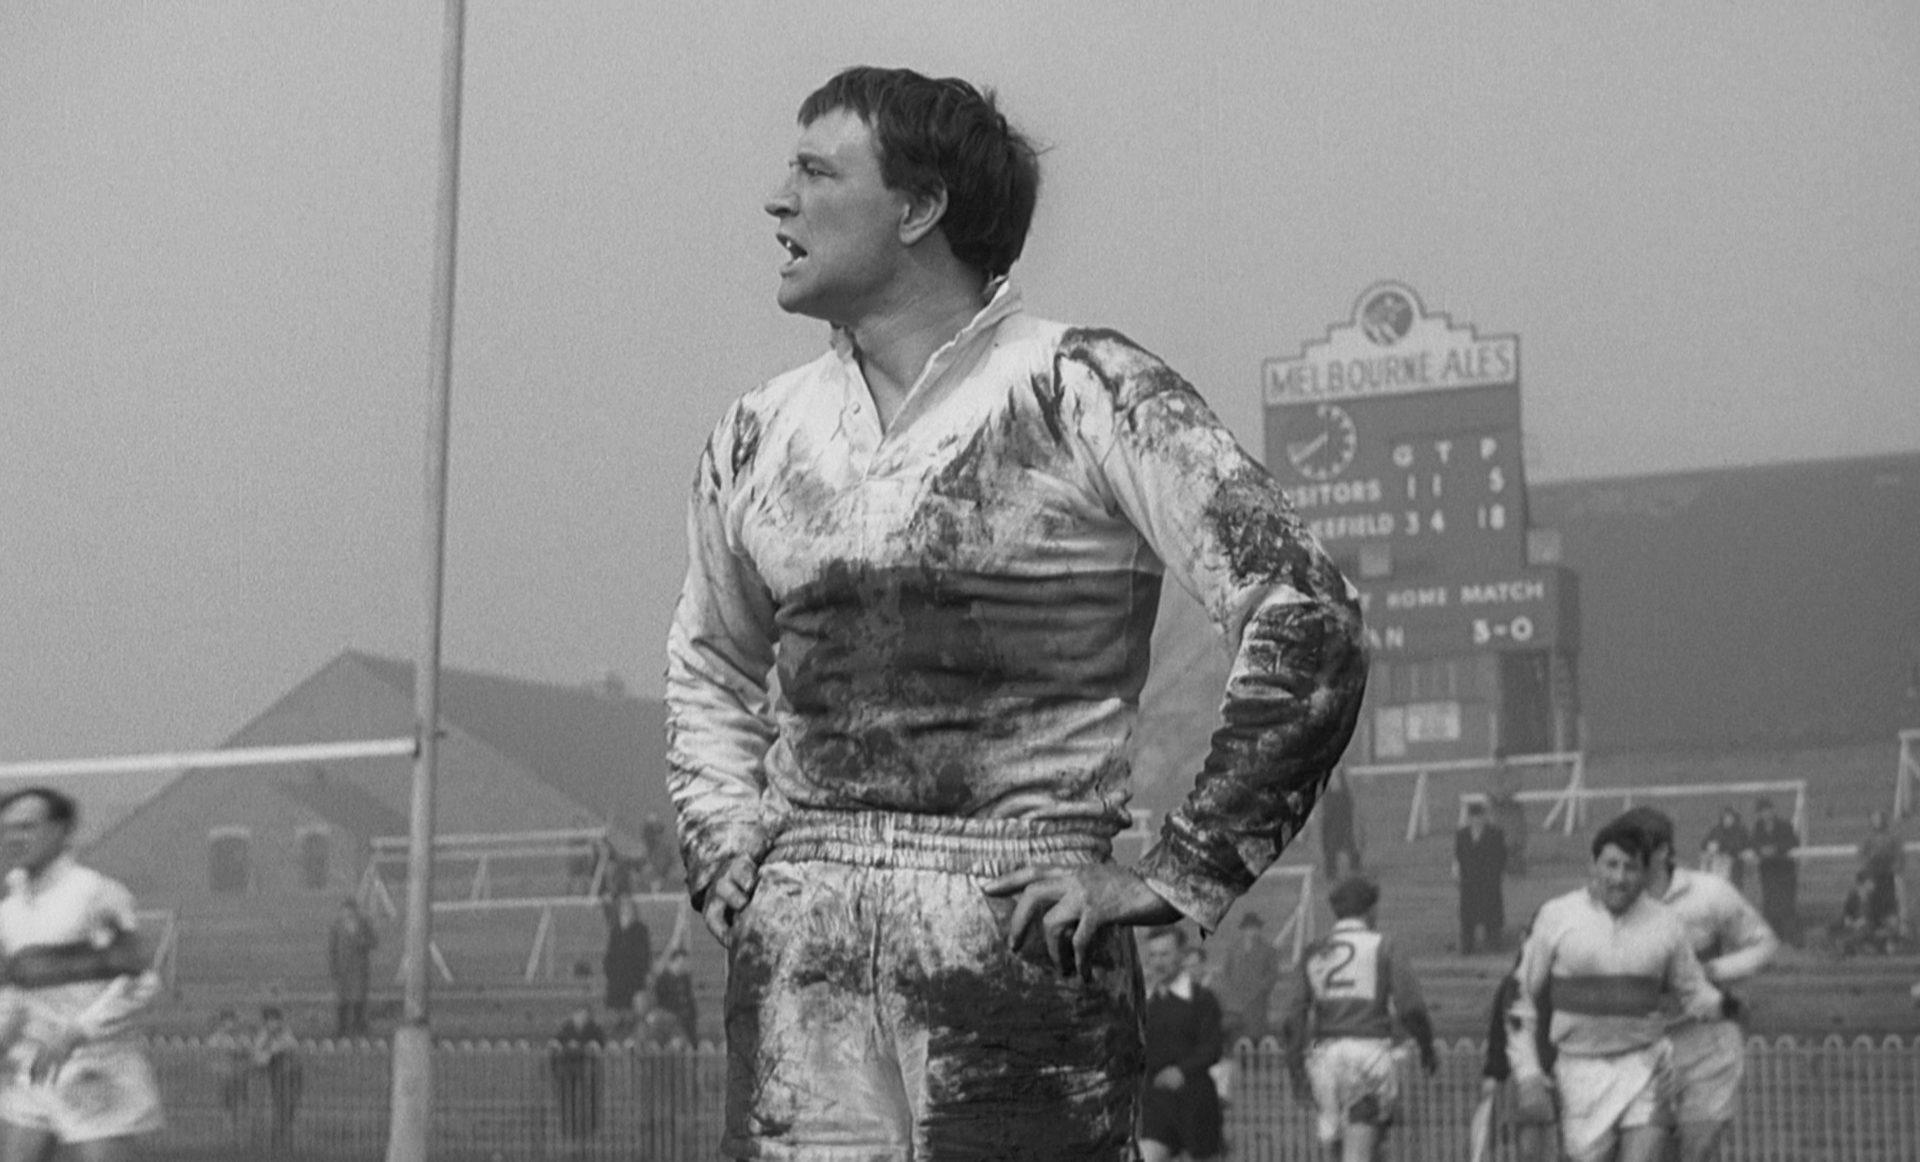 Richard Harris als Frank Machin während einer Rugbypartie mit verschmutztem weißen Trikot.